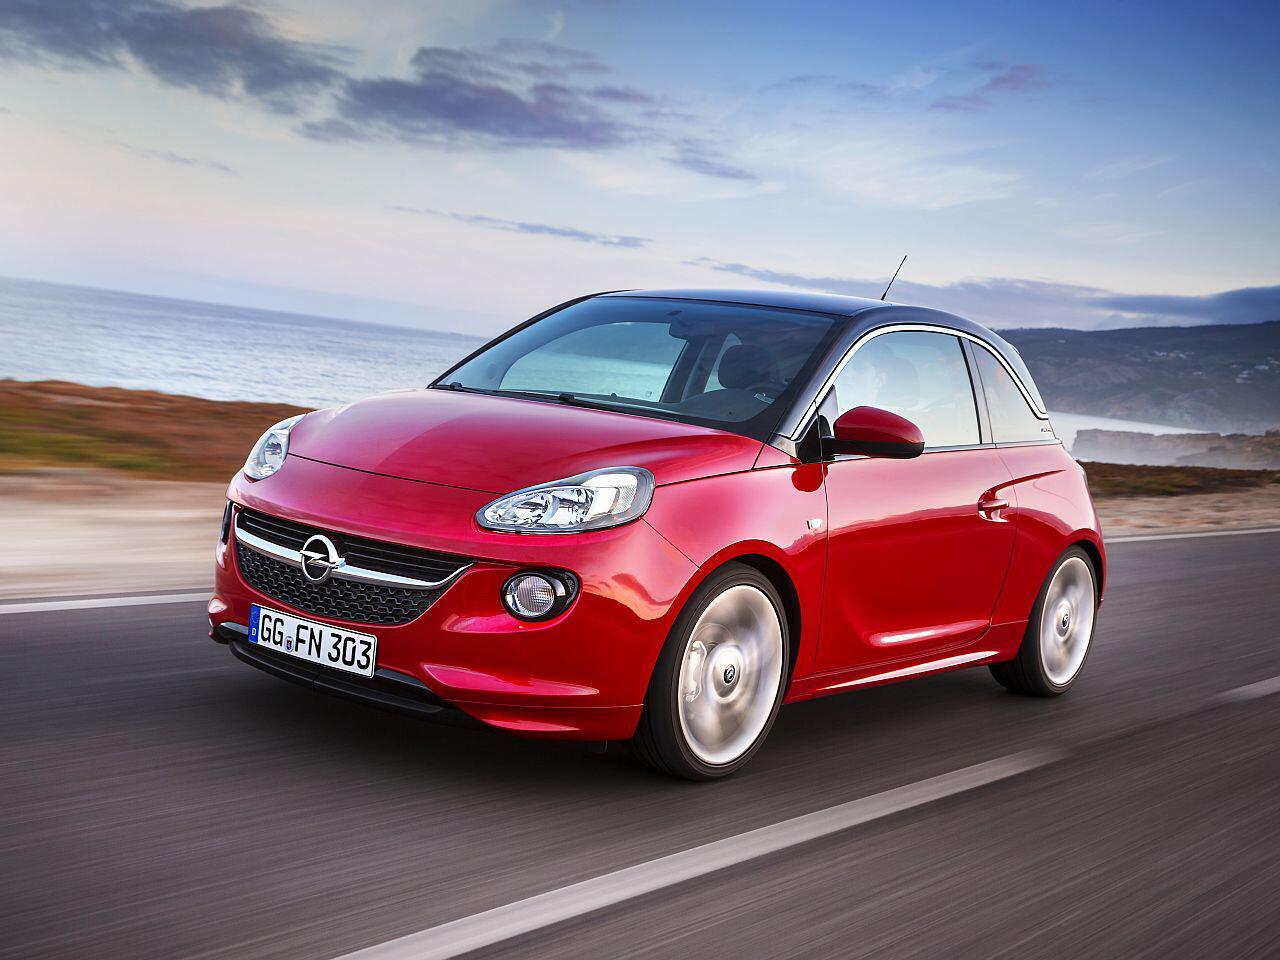 Bild zu Bester Werterhalt in Prozent bei den Kleinstwagen: Opel Adam 1.4 EcoFlex Start/Stop